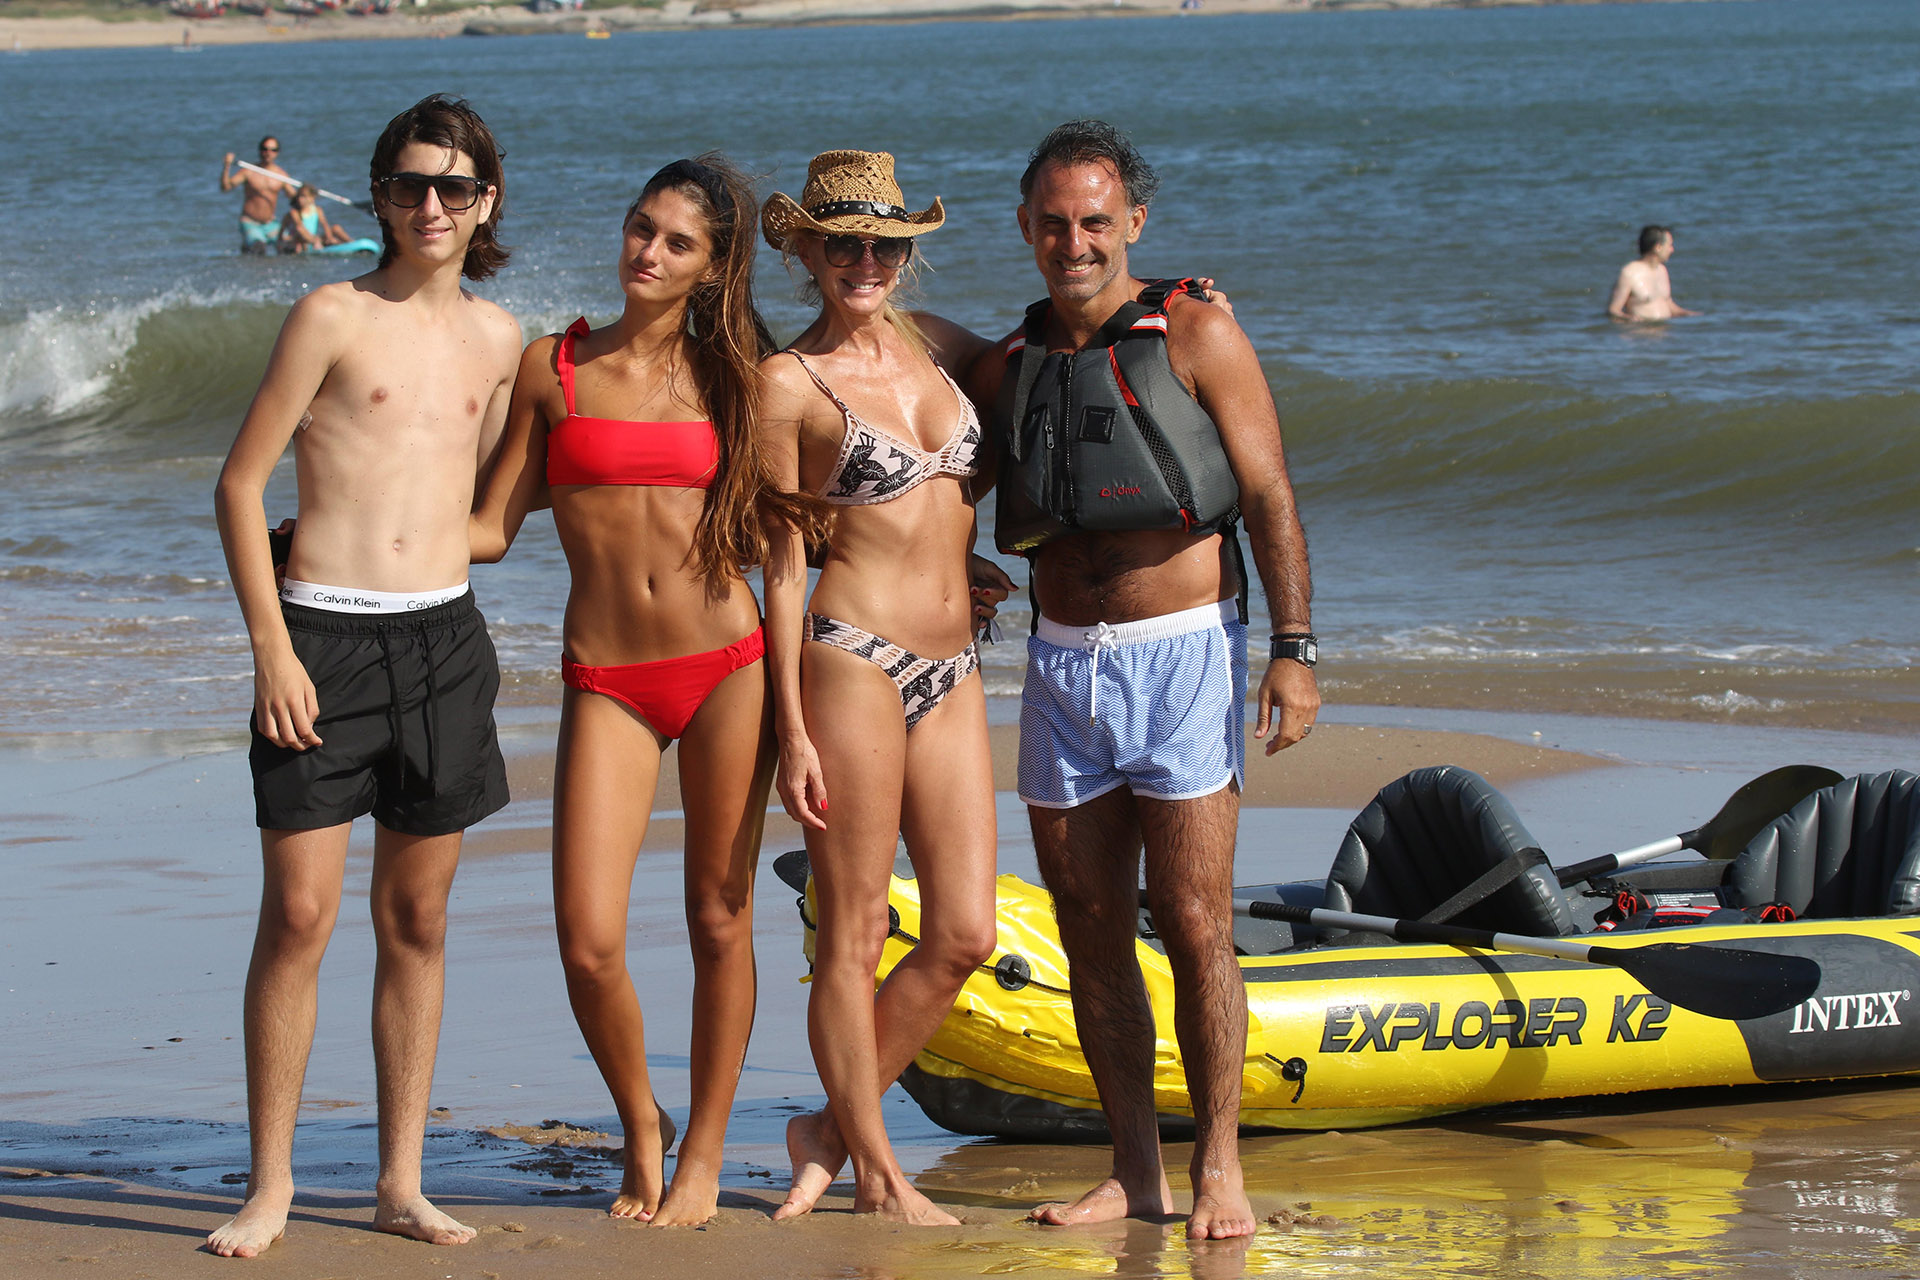 Diego y Yanina Latorre disfrutan de unas vacaciones en familia en el país vecino, luego de un año intenso (GM Press)